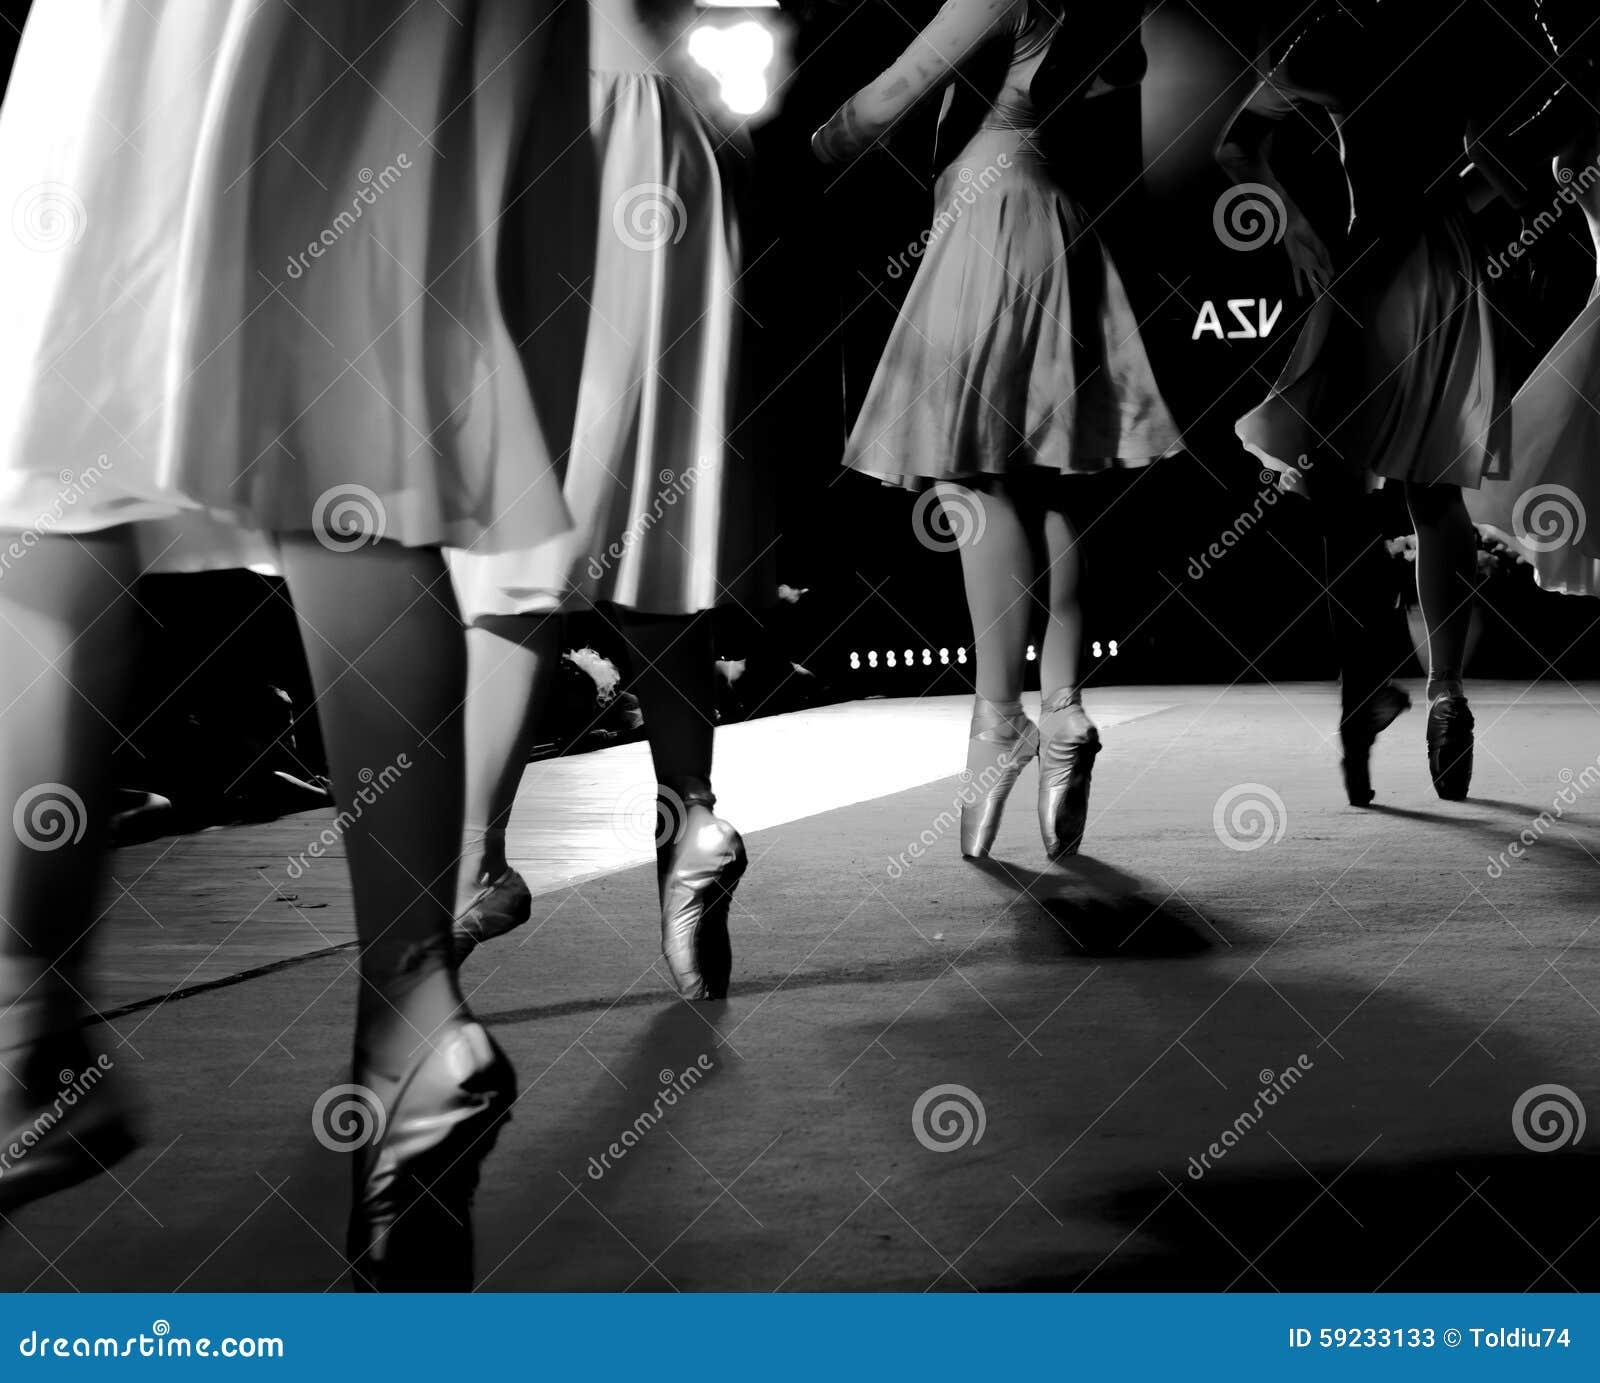 Movimientos clásicos de la danza